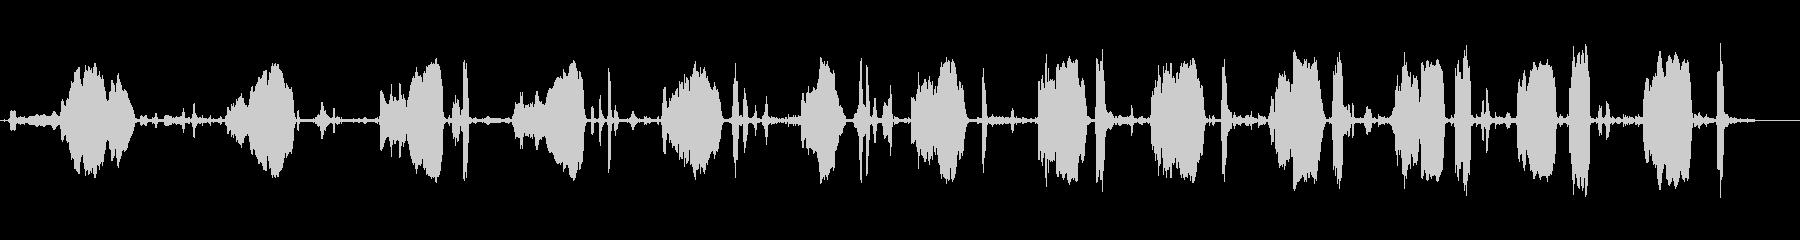 スクイーキーメタルホイールアクスル...の未再生の波形